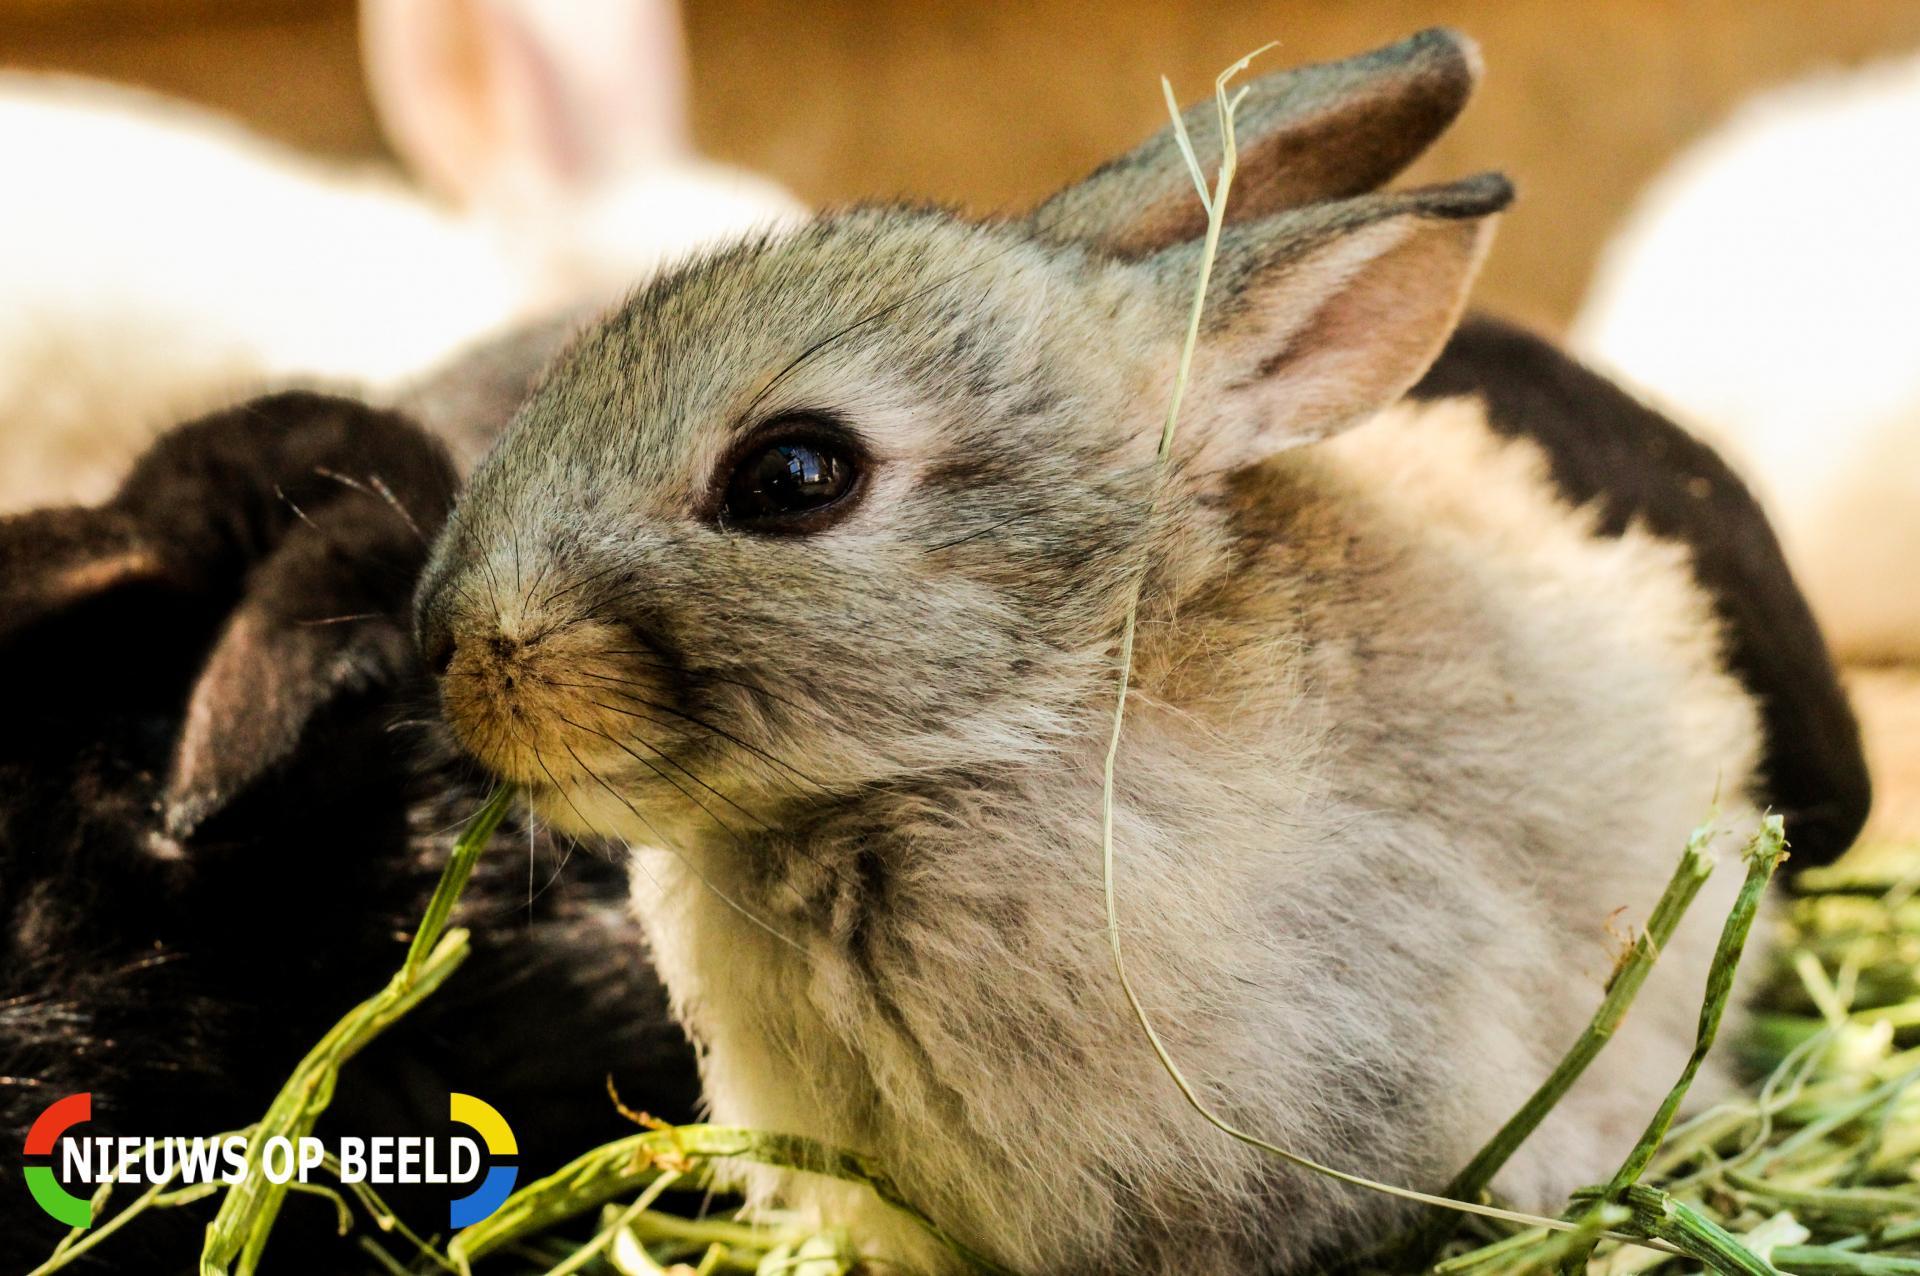 Ruim 200 verwaarloosde konijnen in beslag genomen bij fokker Centrum Ede